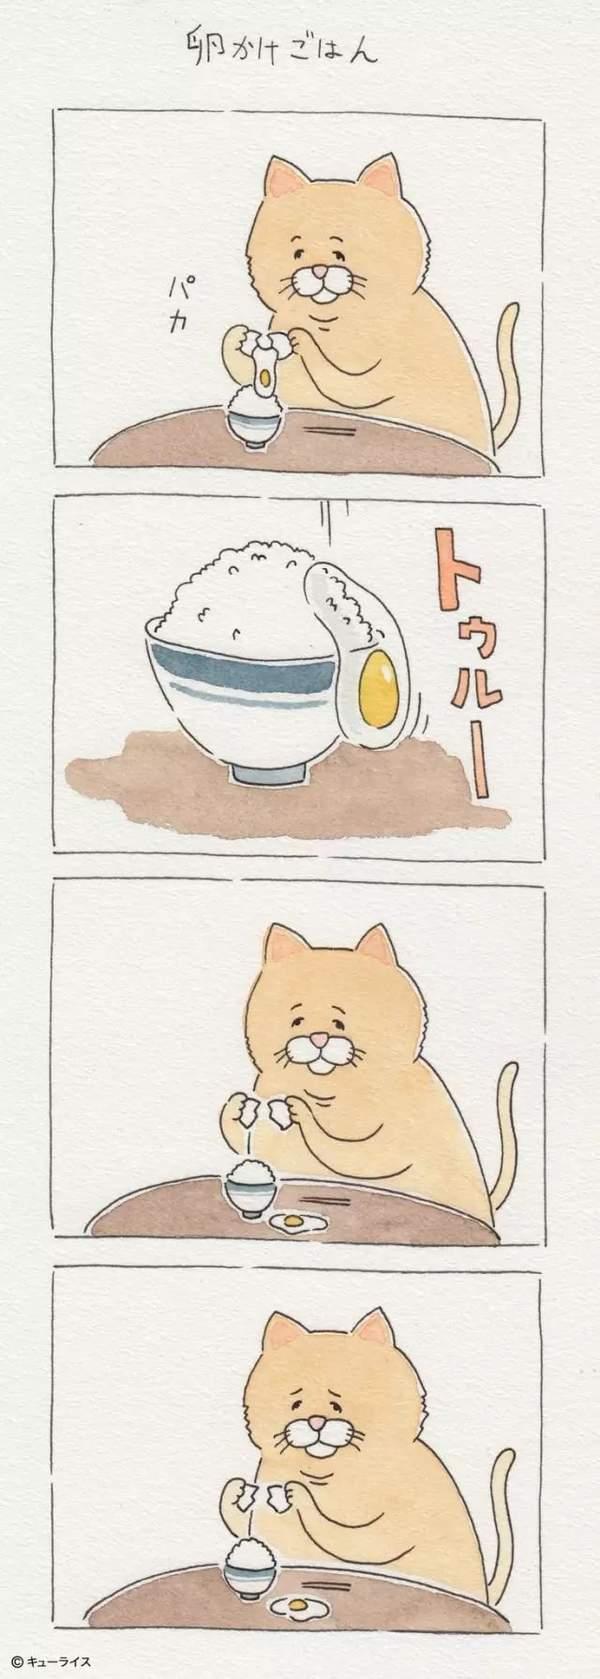 简单的打个鸡蛋都这么倒霉